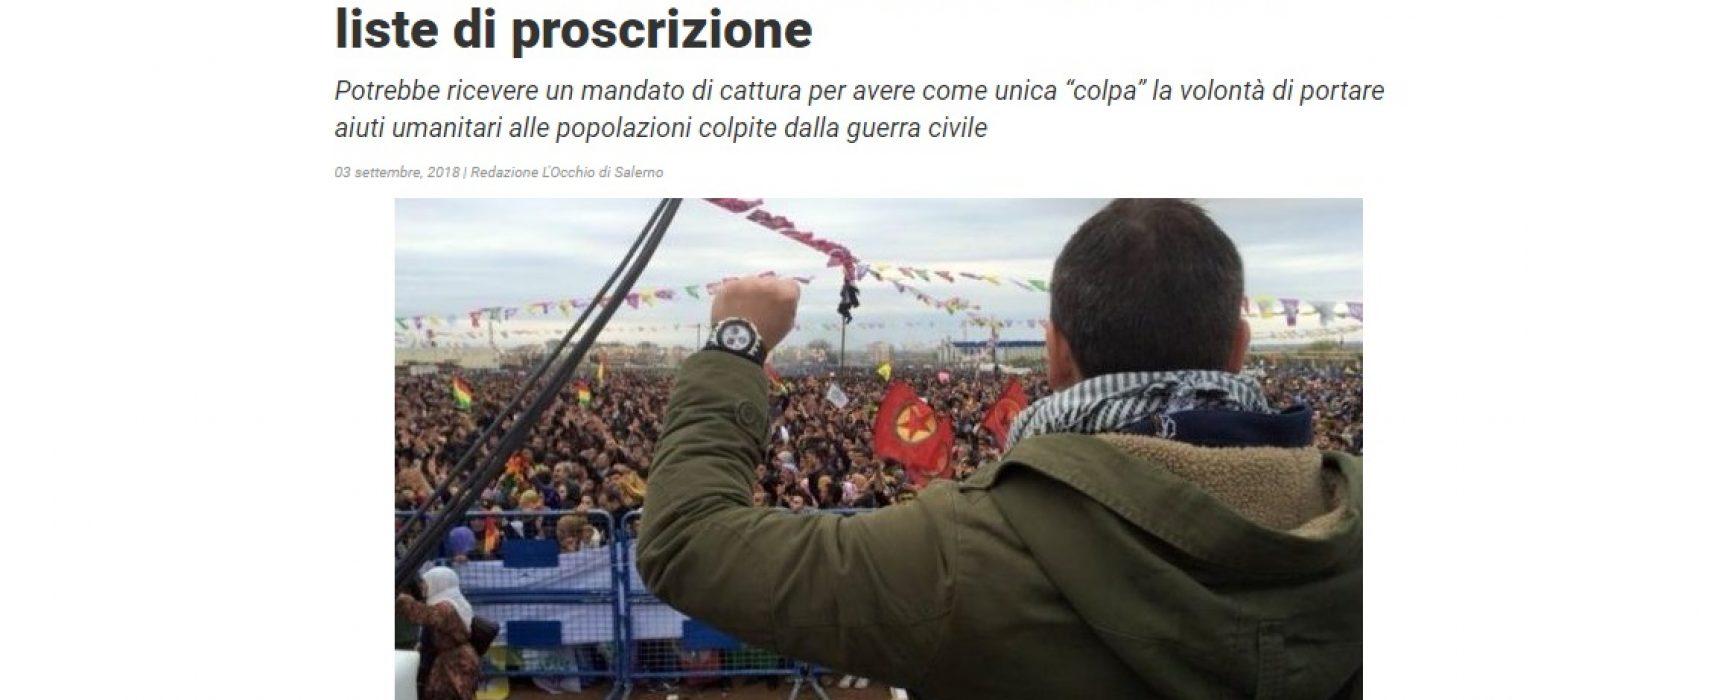 Minisinformation : Massimiliano Voza porta aiuti in Ucraina e finisce nelle liste di proscrizione